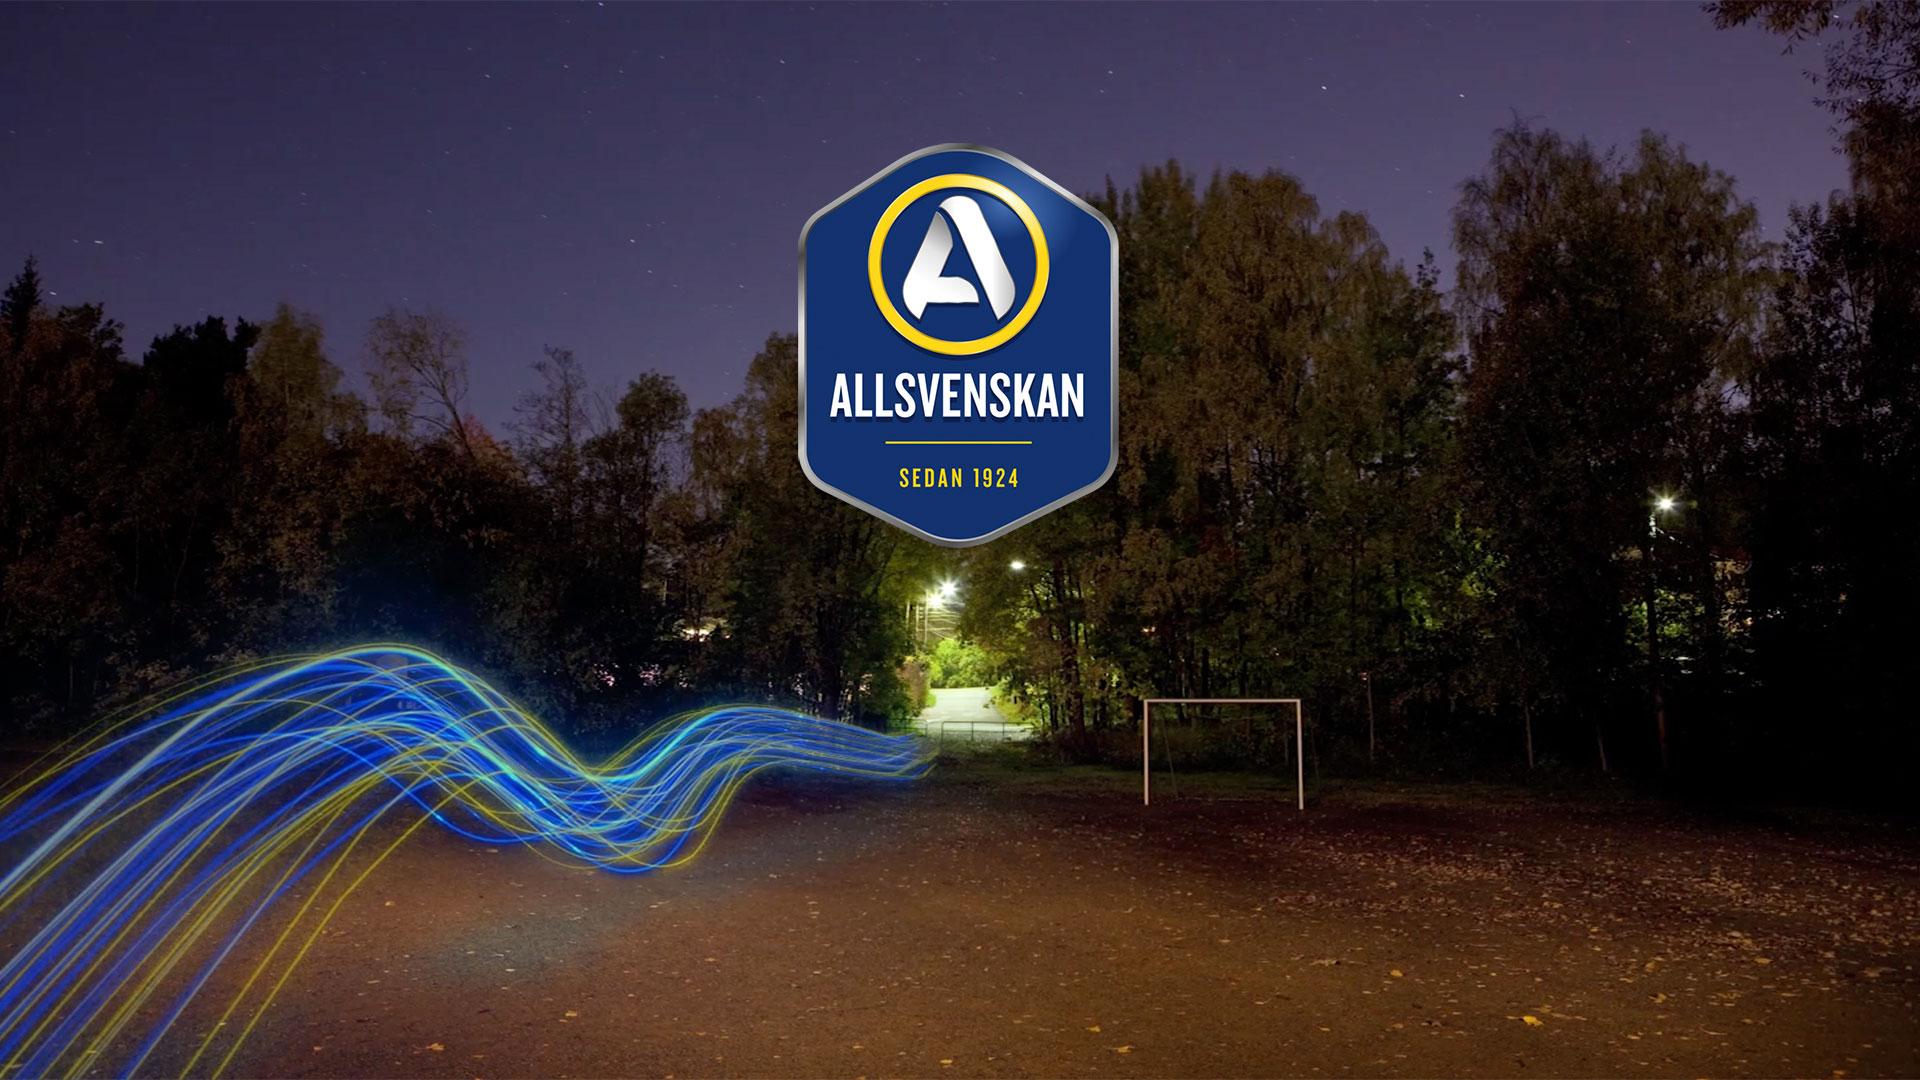 allsvenskan2-copy-1